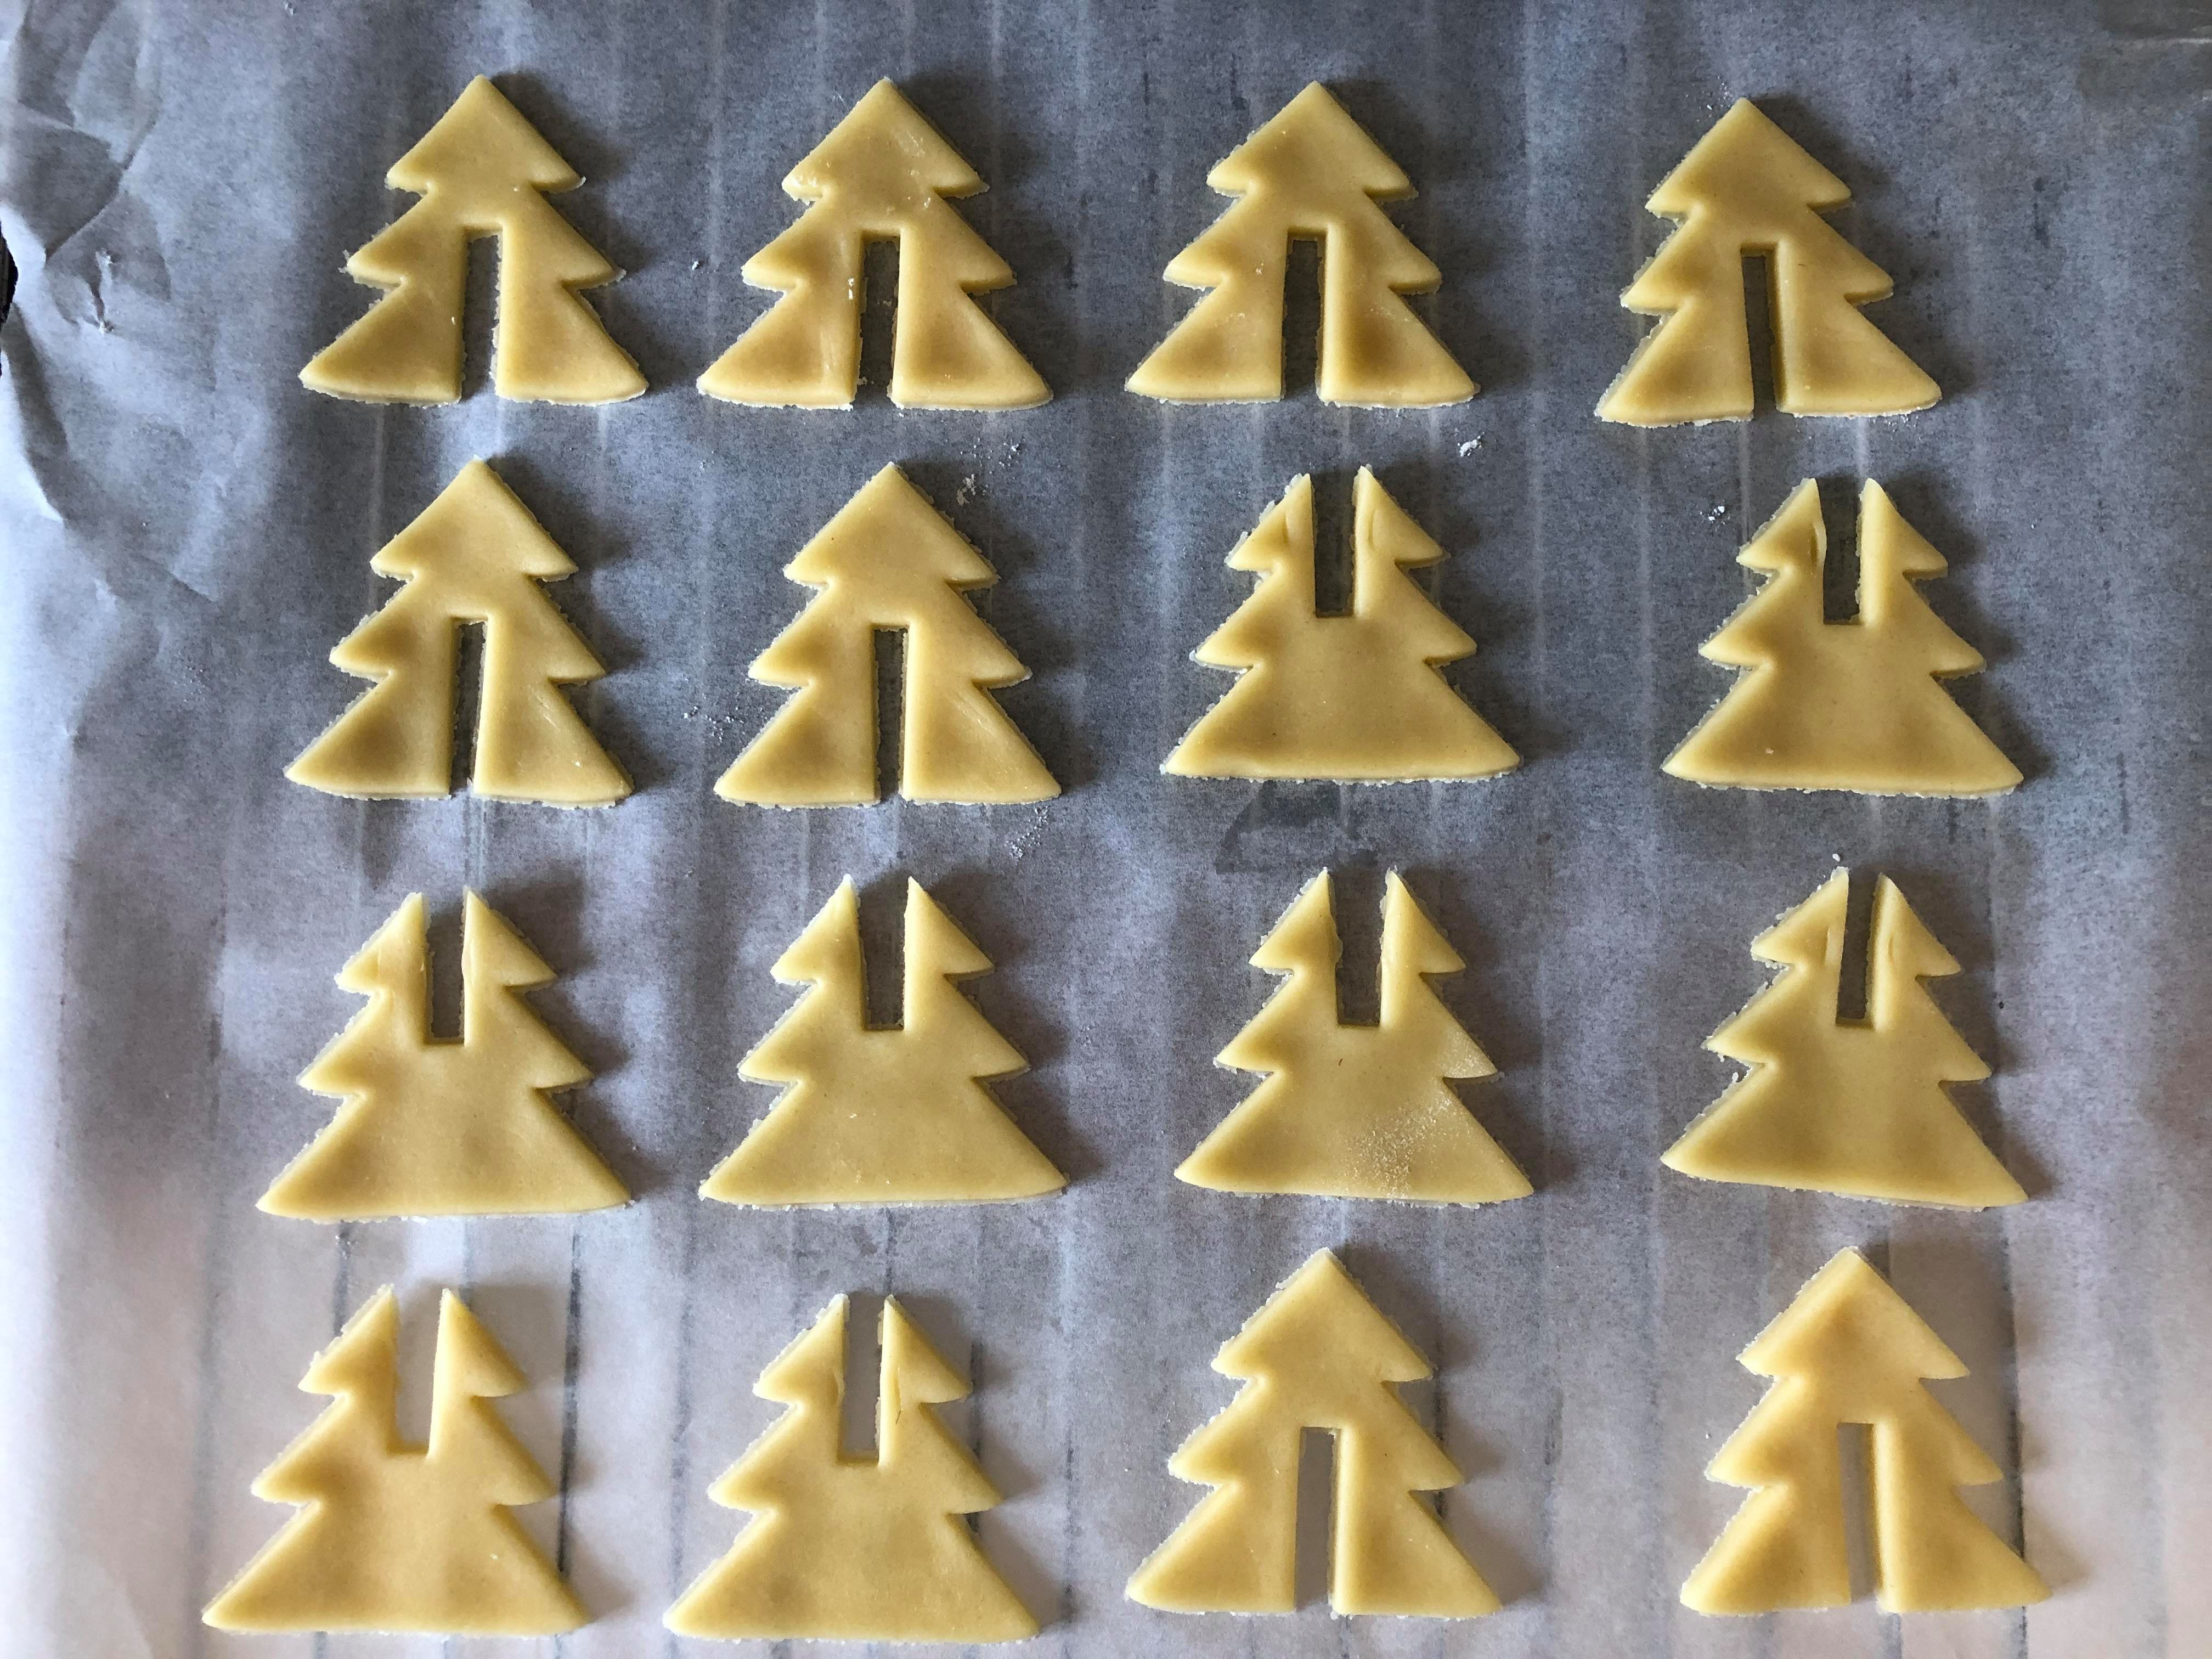 sapin cru.png Télécharger fichier STL gratuit emporte piece sapin 3D  cookie cutter fir 3D • Objet pour imprimante 3D, fantibus14